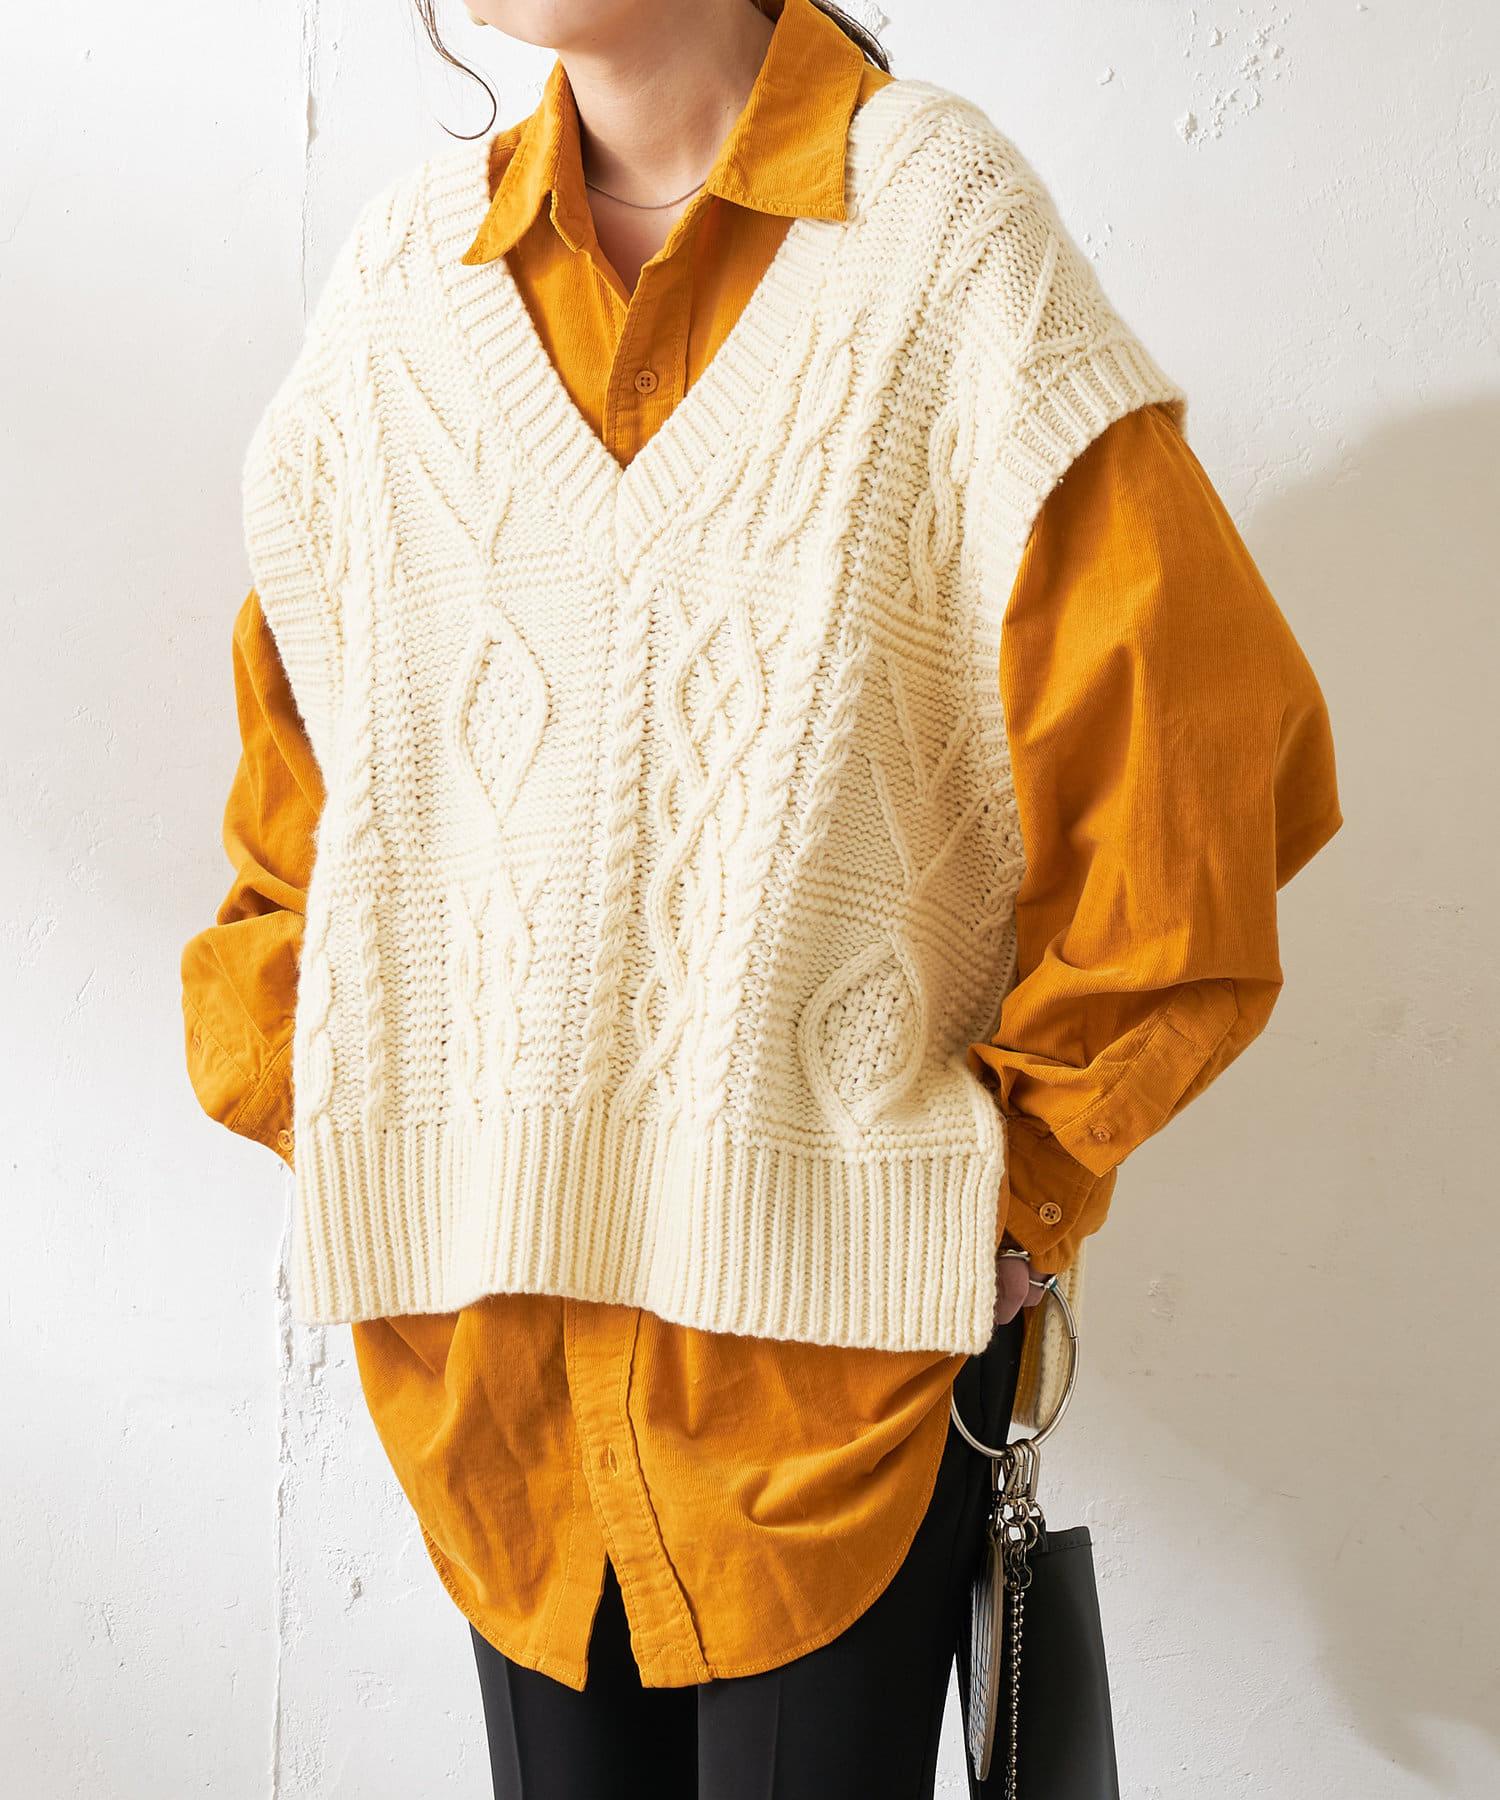 Discoat(ディスコート) メンズ 28Wコールビックシャツ マスタード